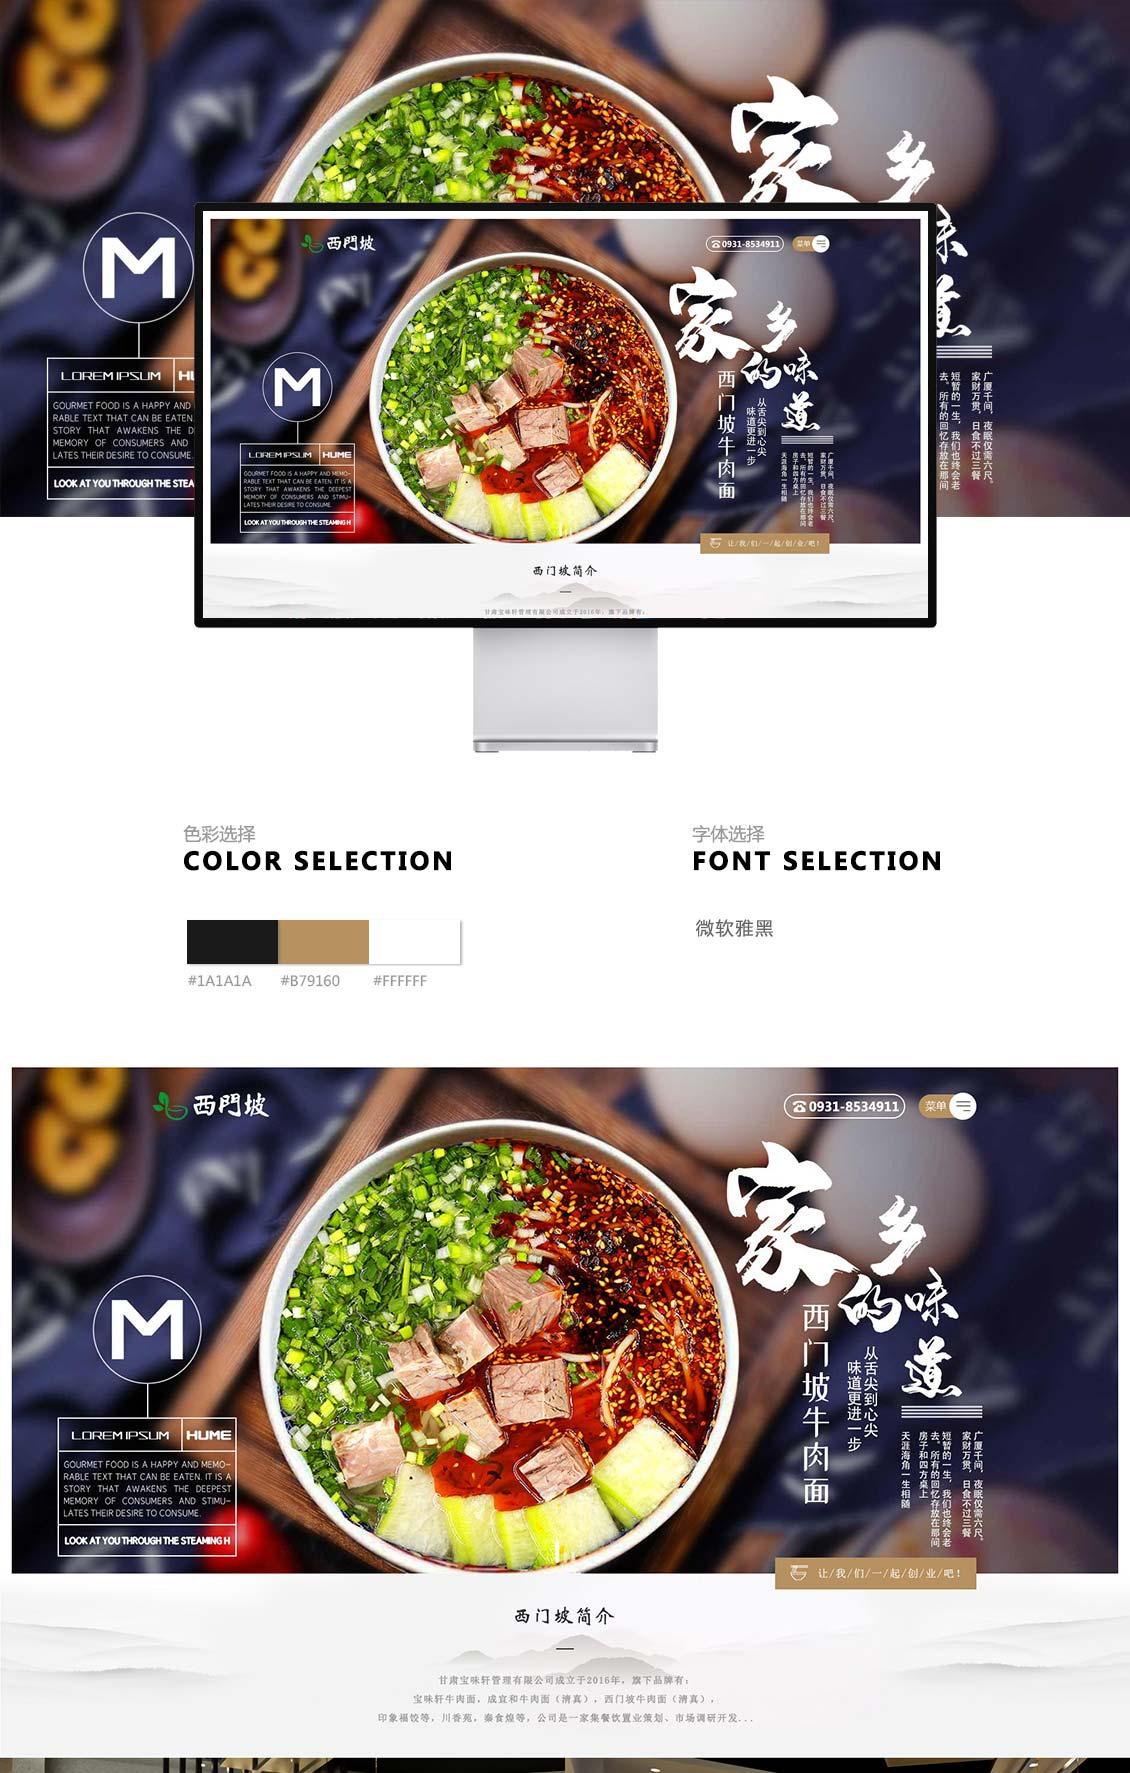 兰州餐饮公司招商加盟网页设计